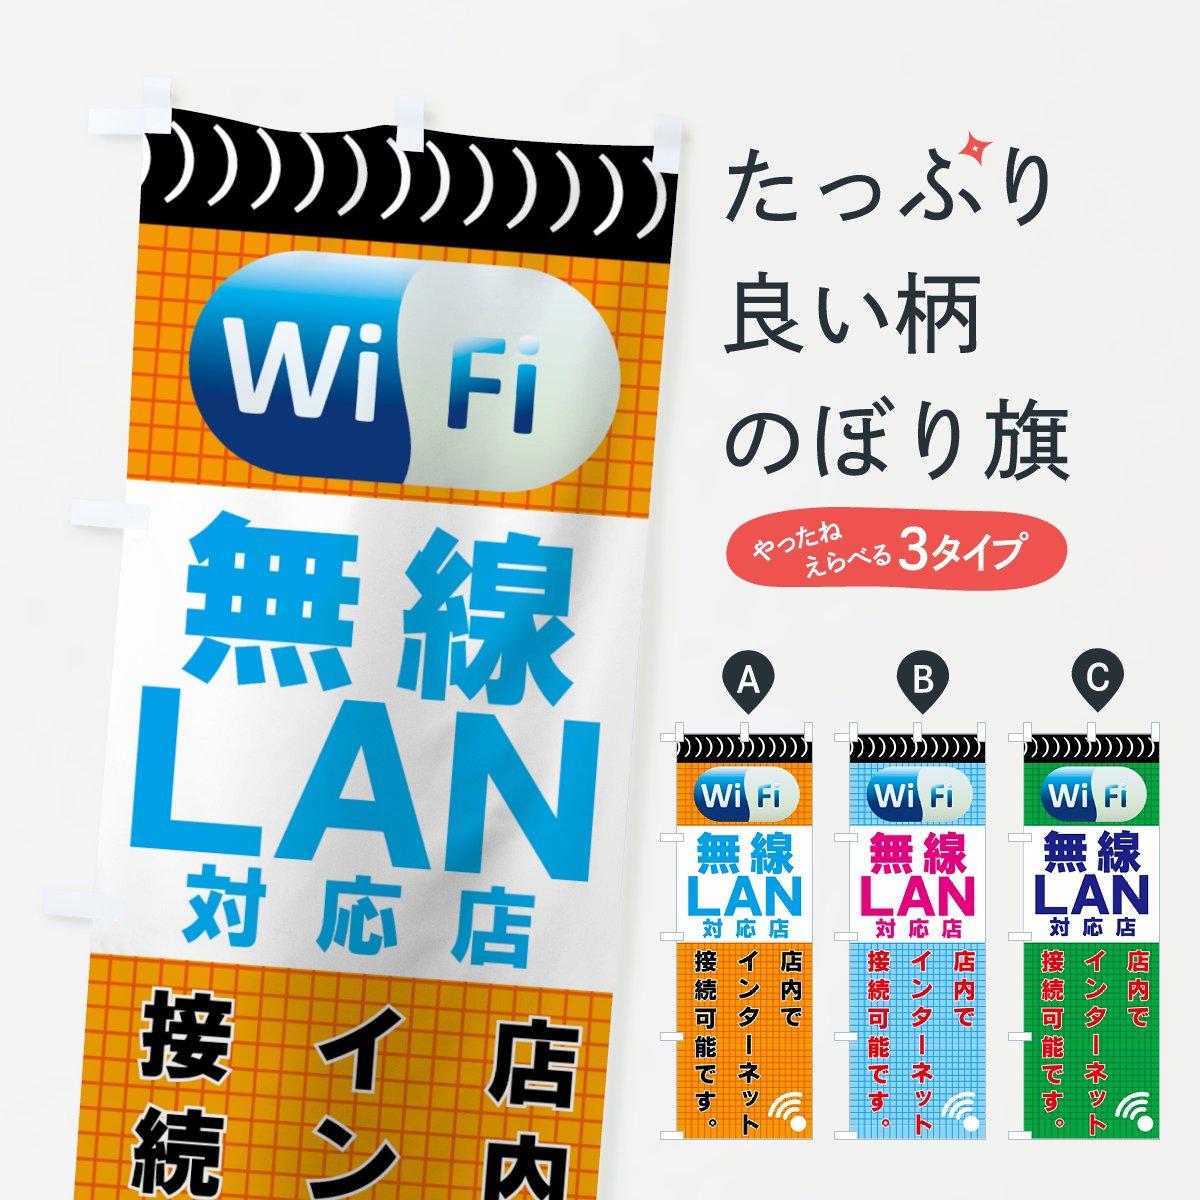 無線LAN対応店のぼり旗 WiFi